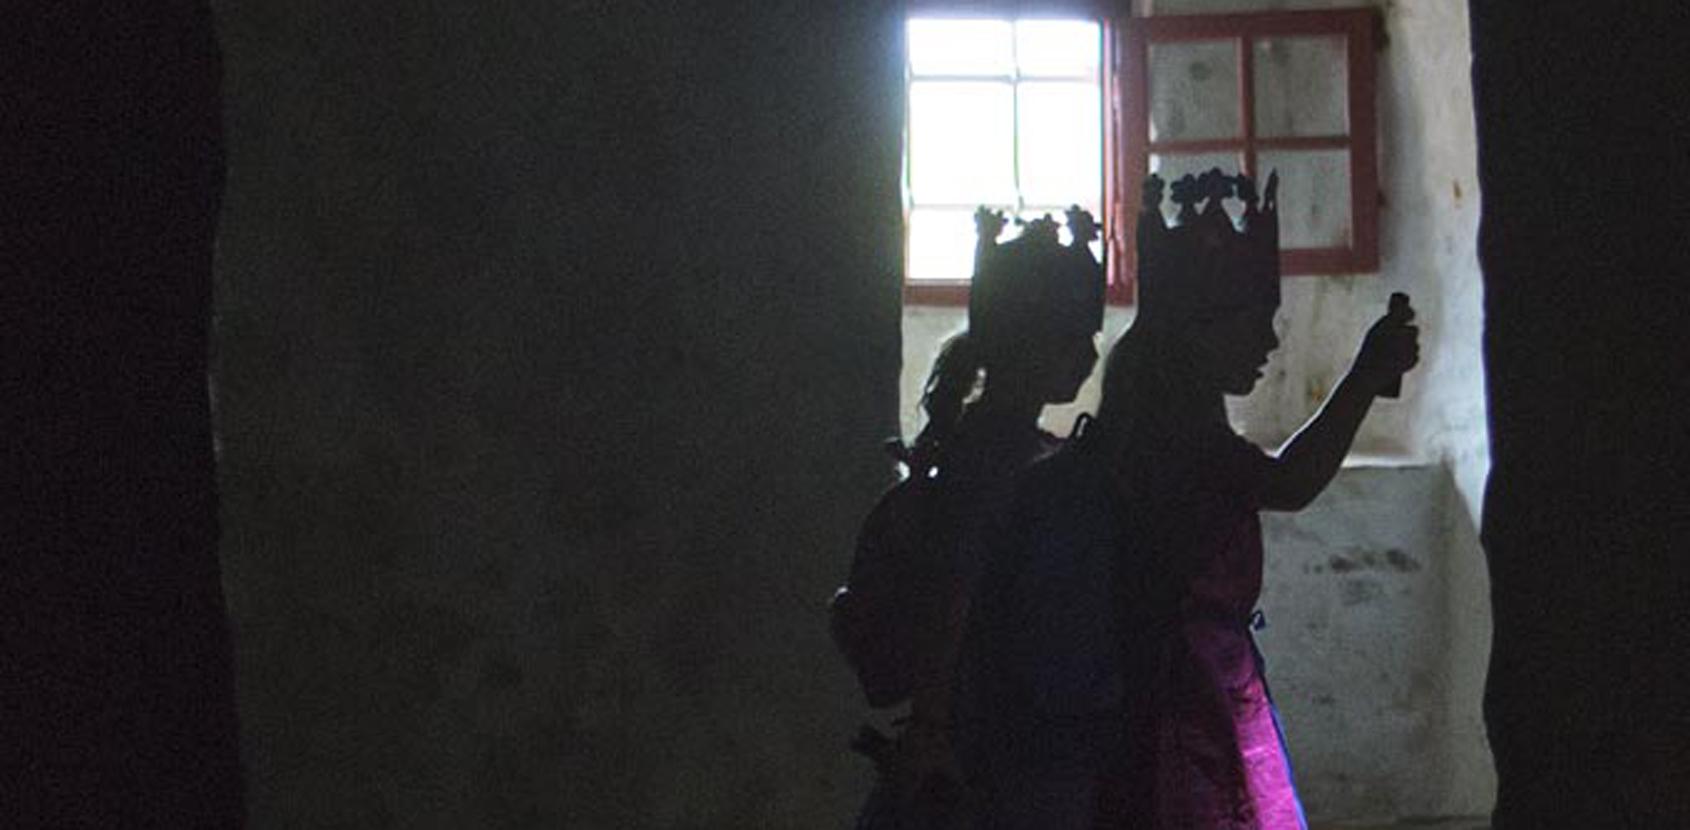 Prinsesser i Kasematterne. Foto: Styrelsen for Slotte og Kulturejendomme